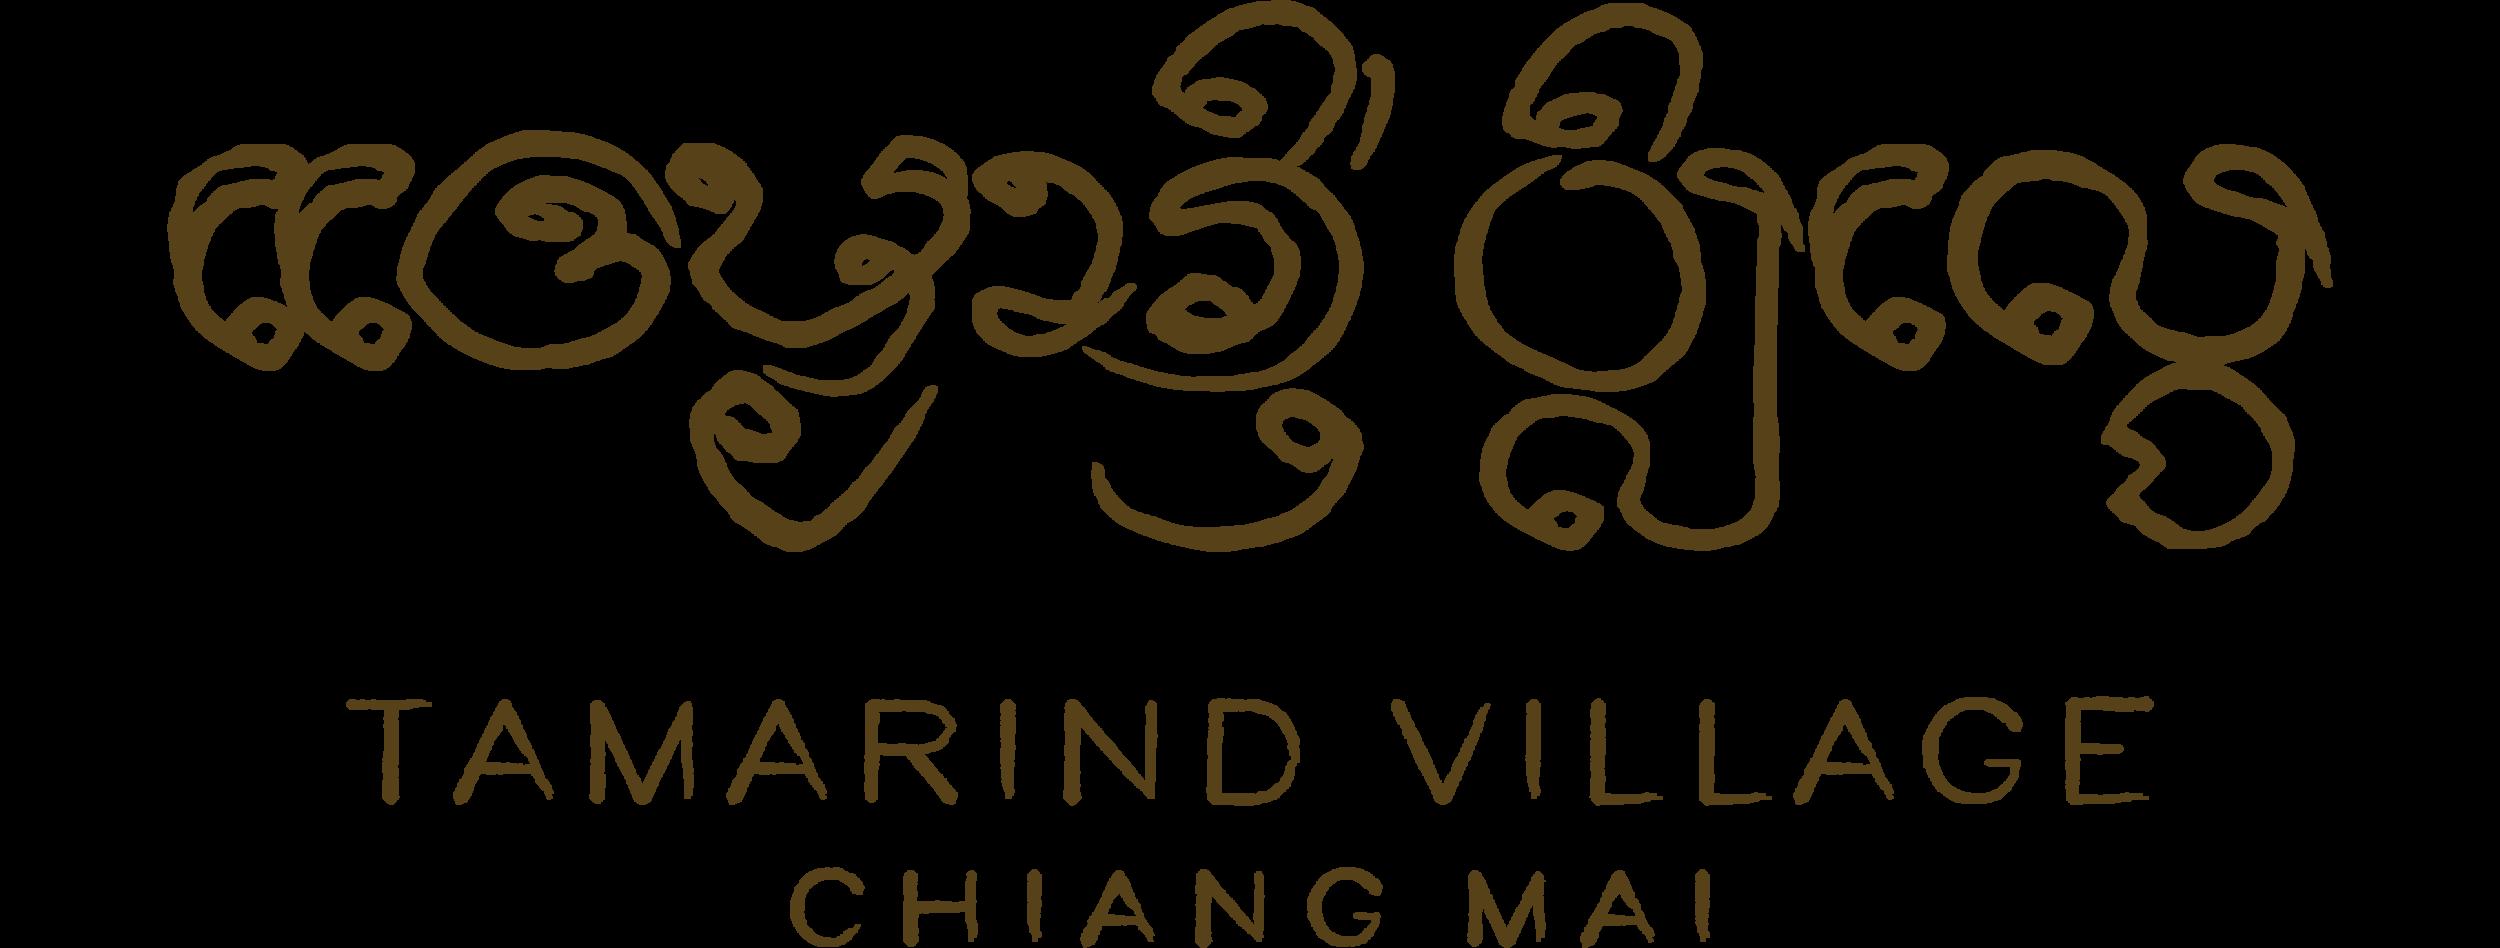 Tamarind Village Logo-01.png